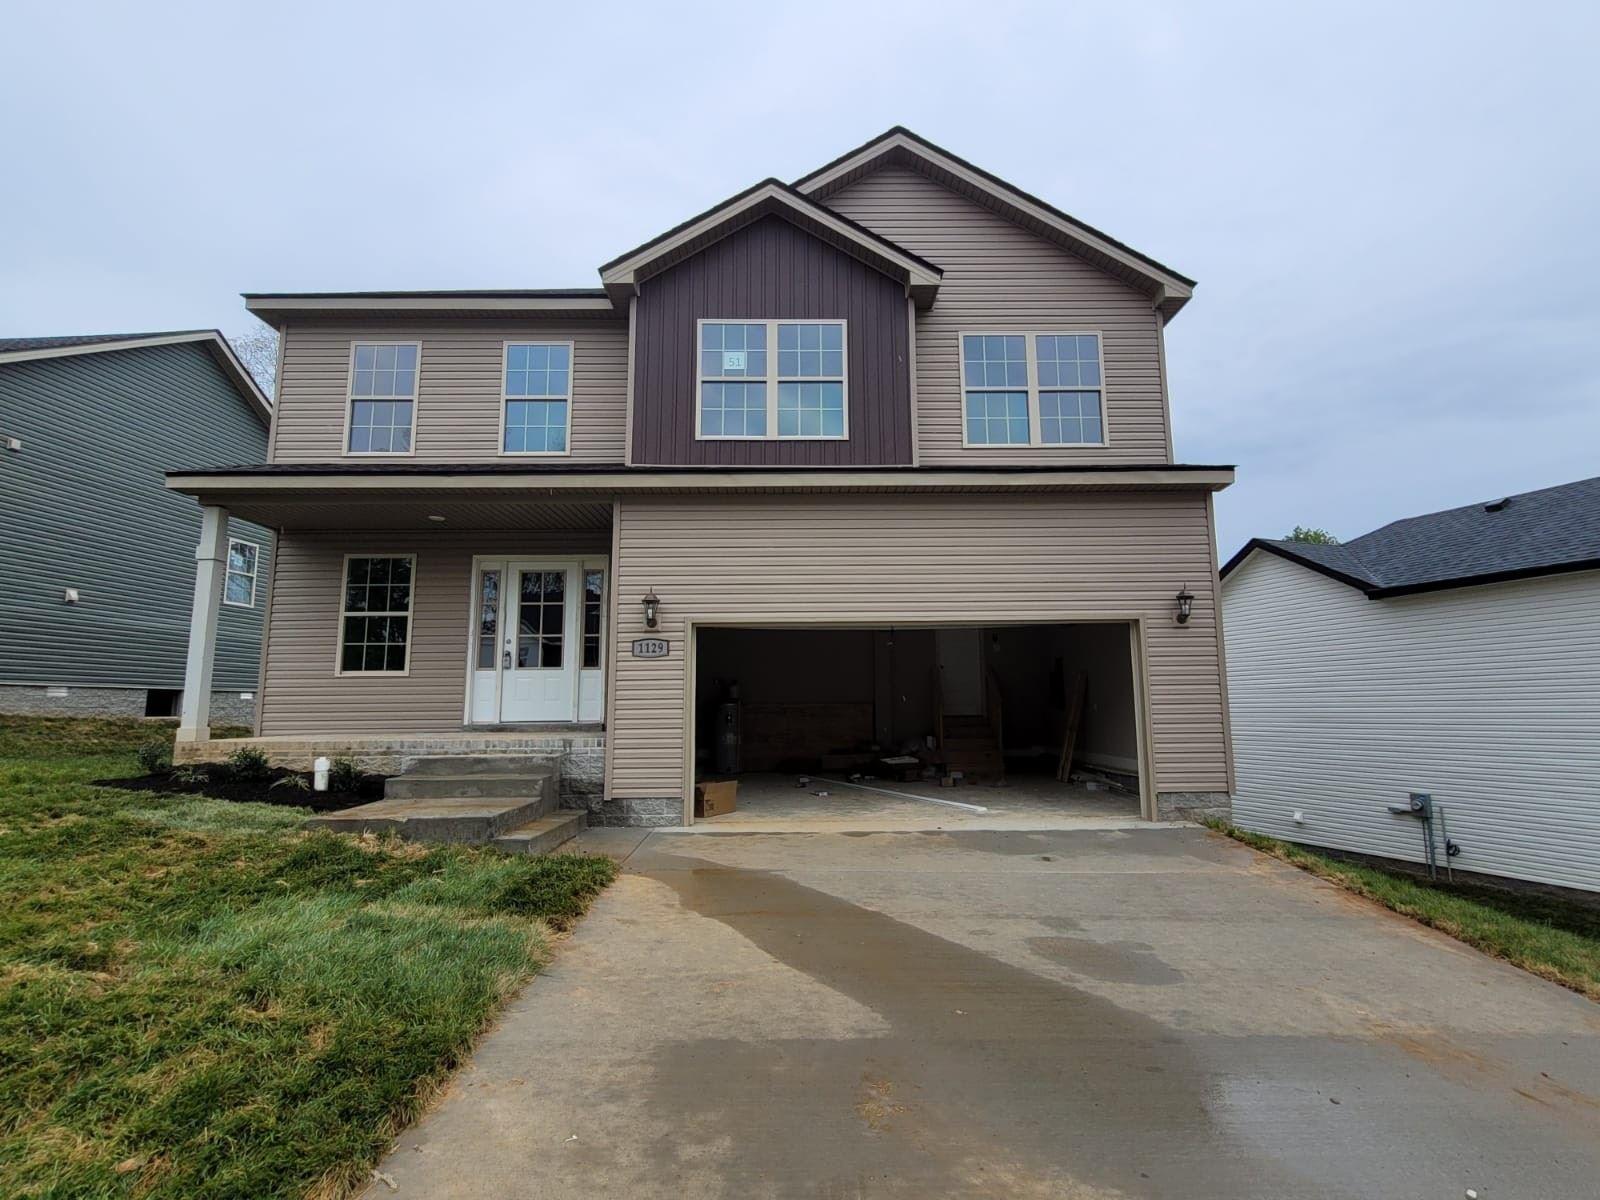 51 Woodland Hills, Clarksville, TN 37043 - MLS#: 2224285